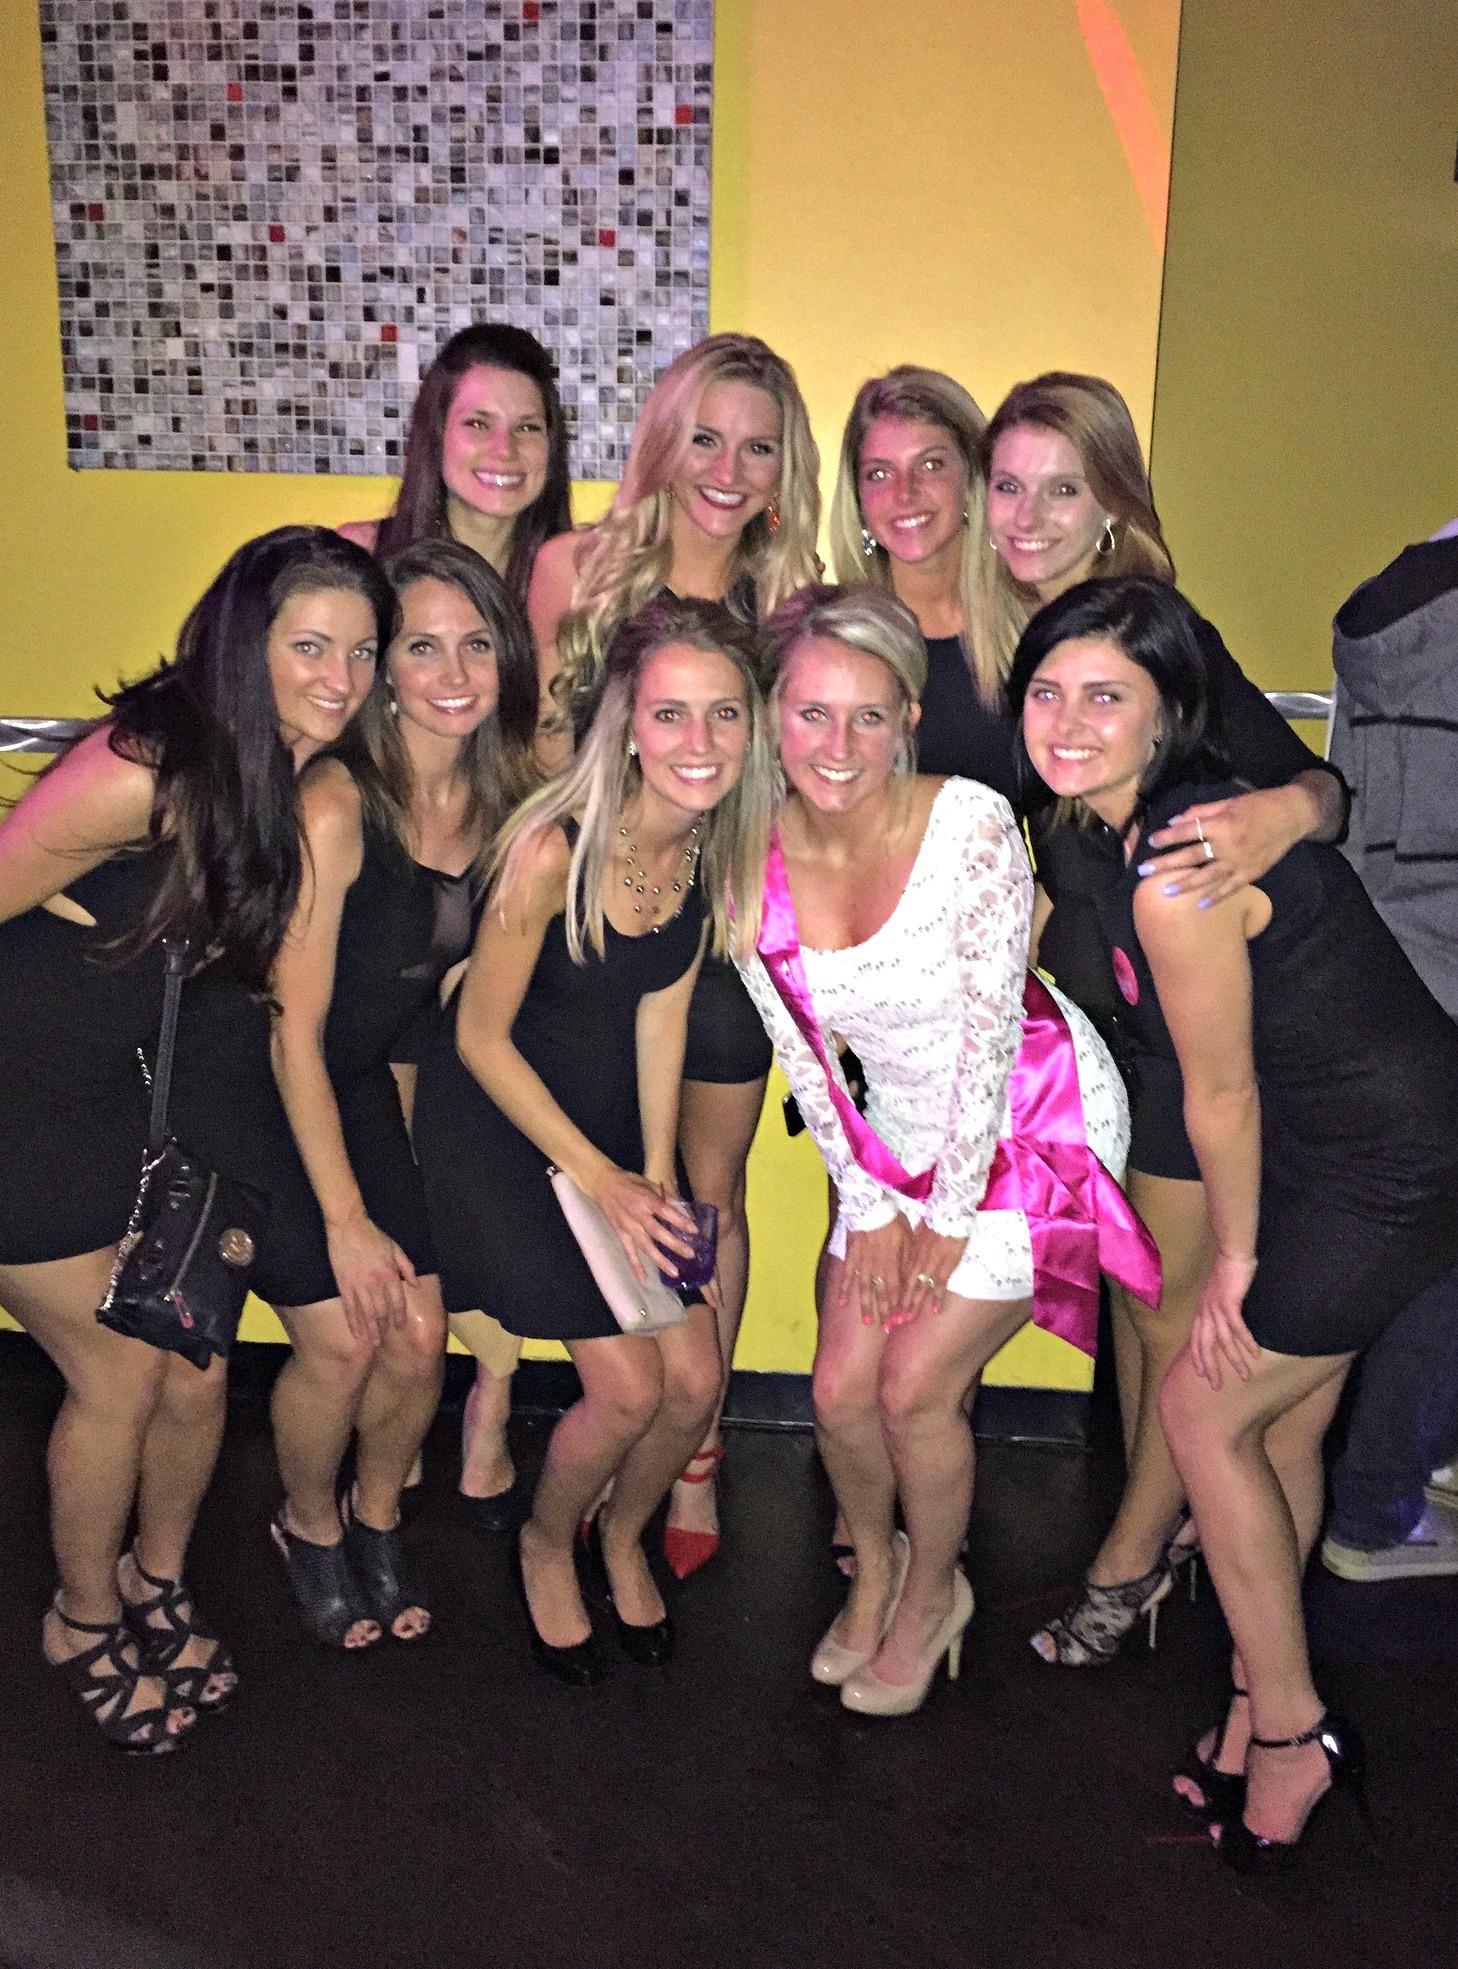 amanda's bachelorette party